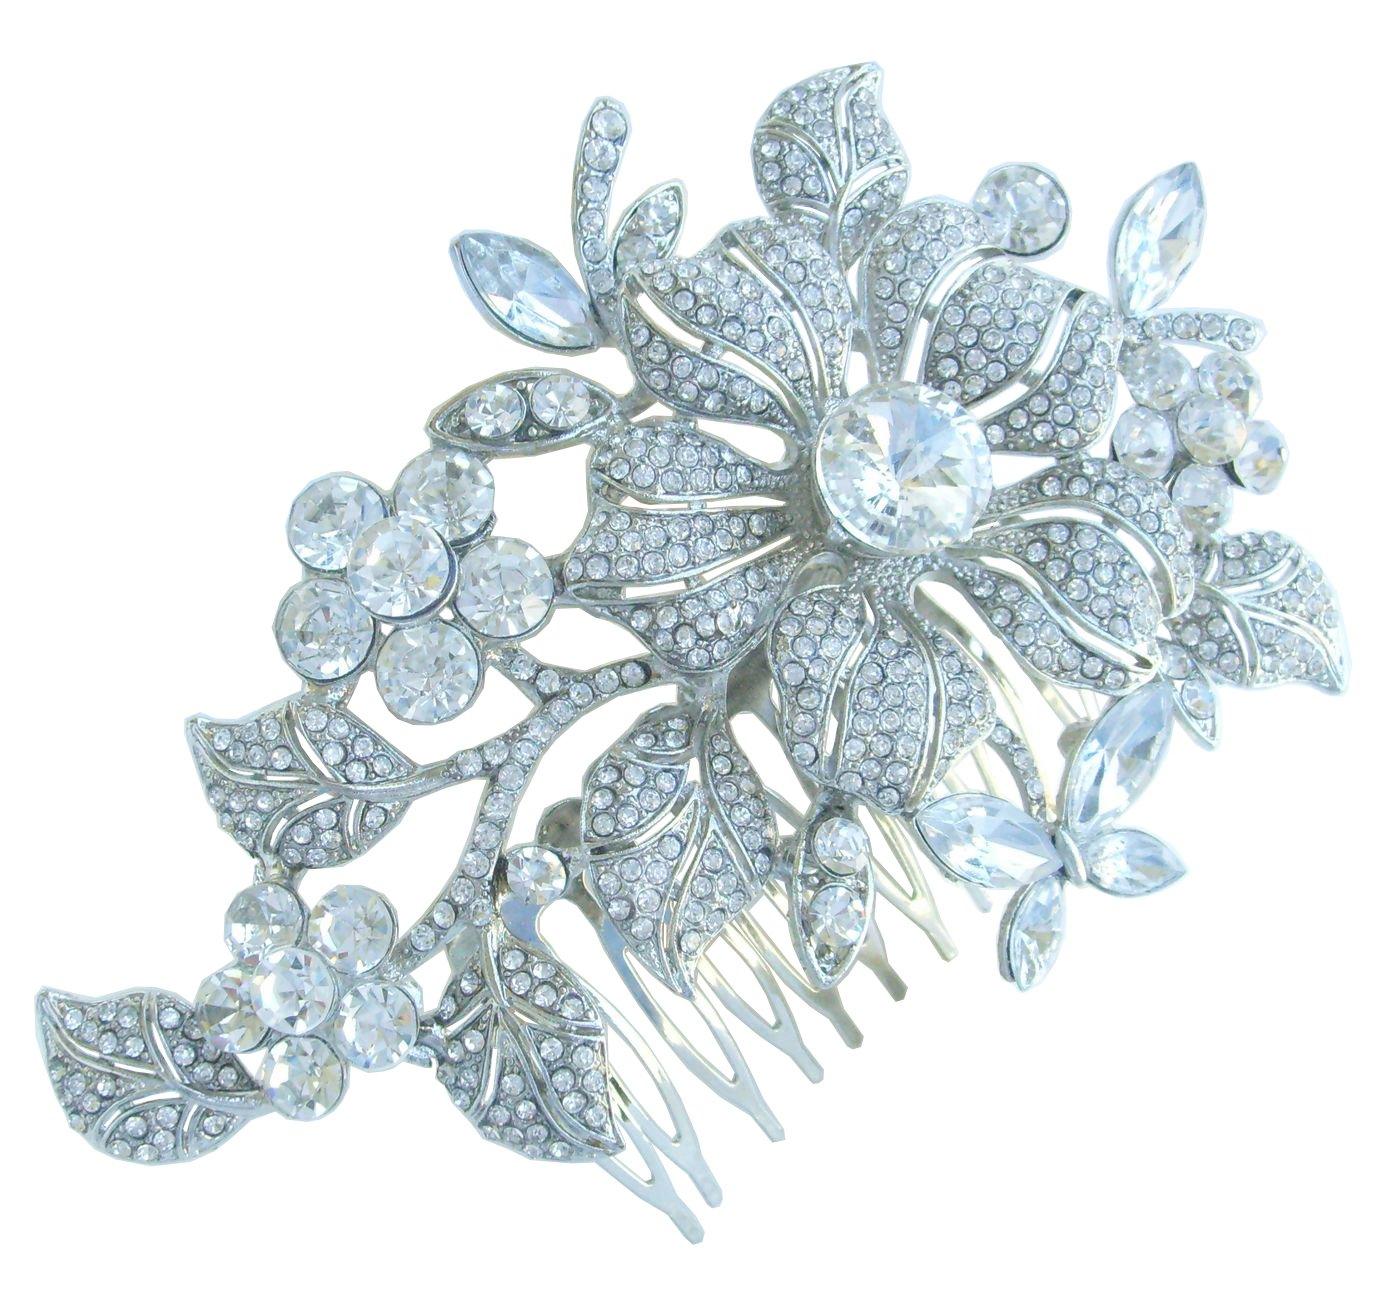 Sindary Wedding Jewelry 4.72'' Pretty Bridal Orchid Flower Hair Comb Rhinestone Crystal HZ4712